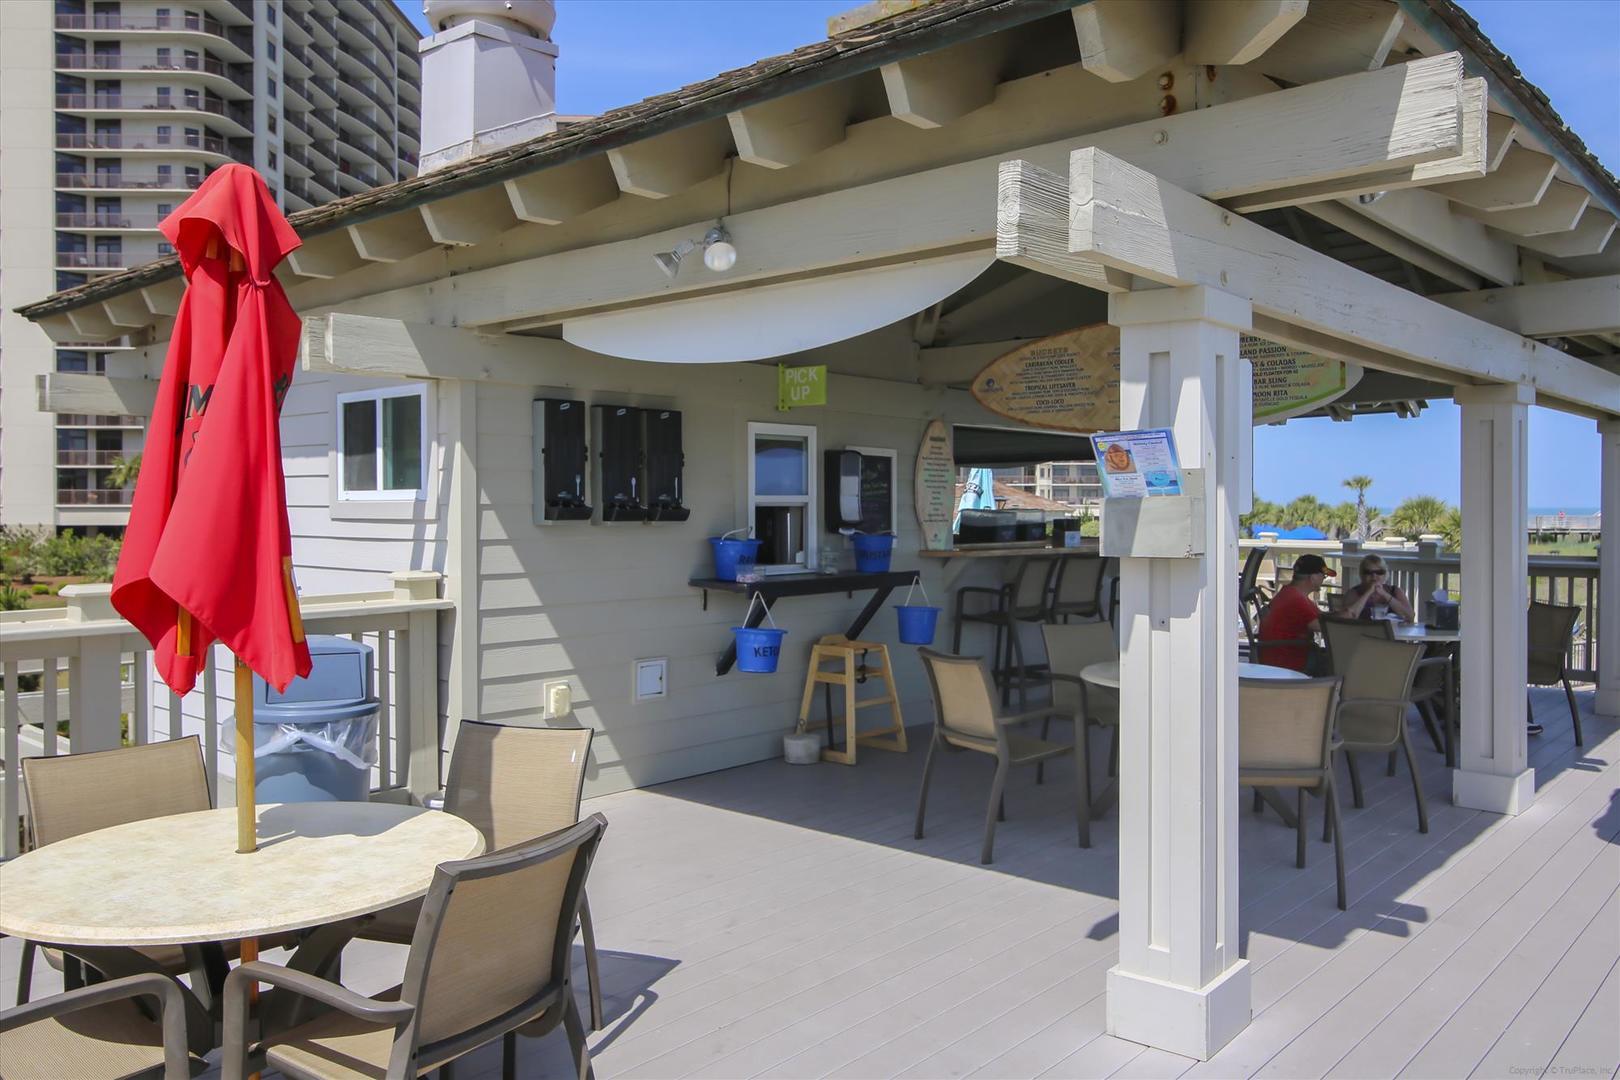 Ocean Creek - Beach Bar and Grill